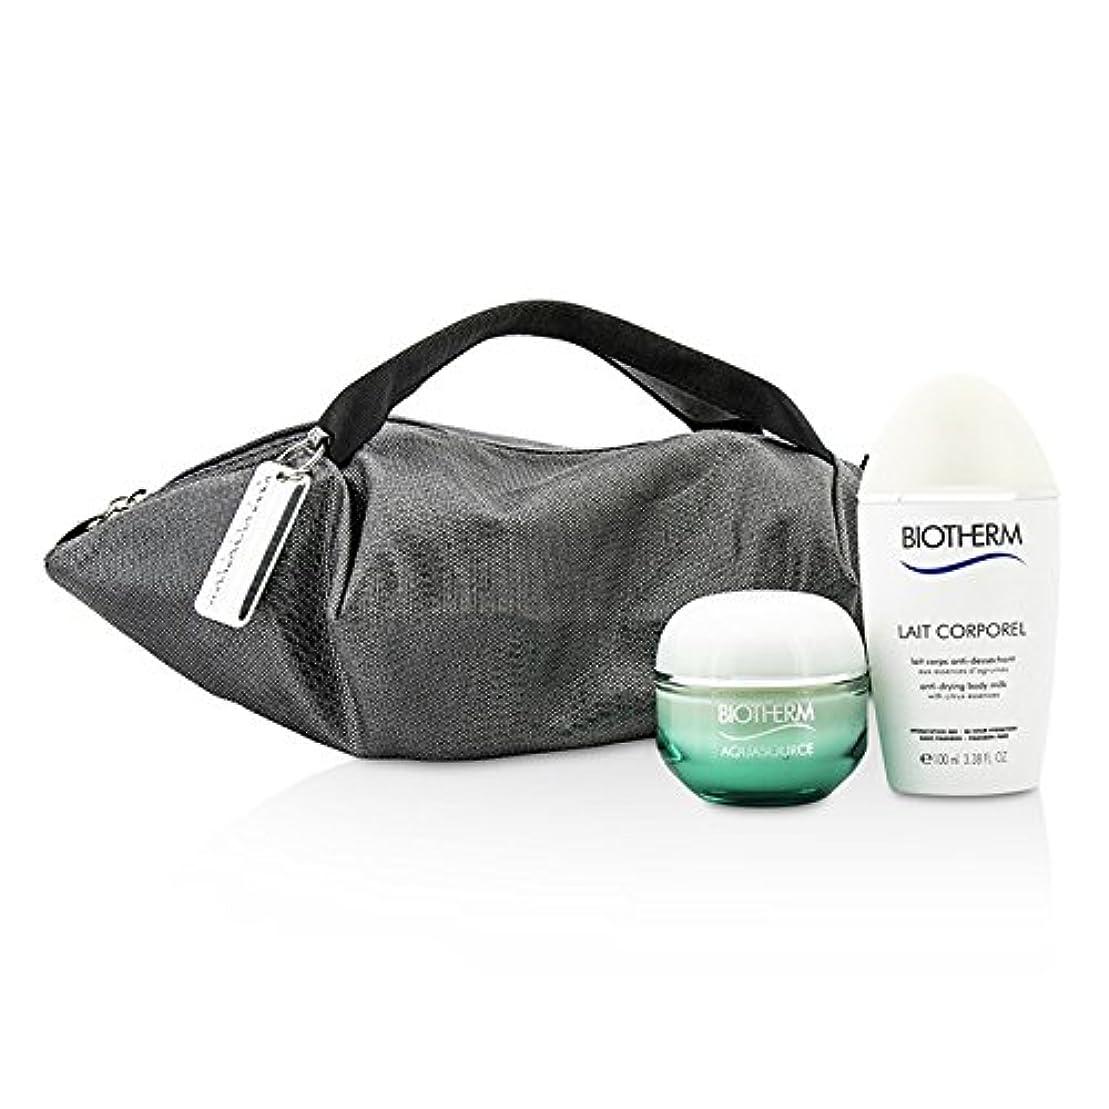 成熟かもめ拒否ビオテルム Aquasource & Body Care X Mandarina Duck Coffret: Cream N/C 50ml + Anti-Drying Body Care 100ml + Handle Bag...